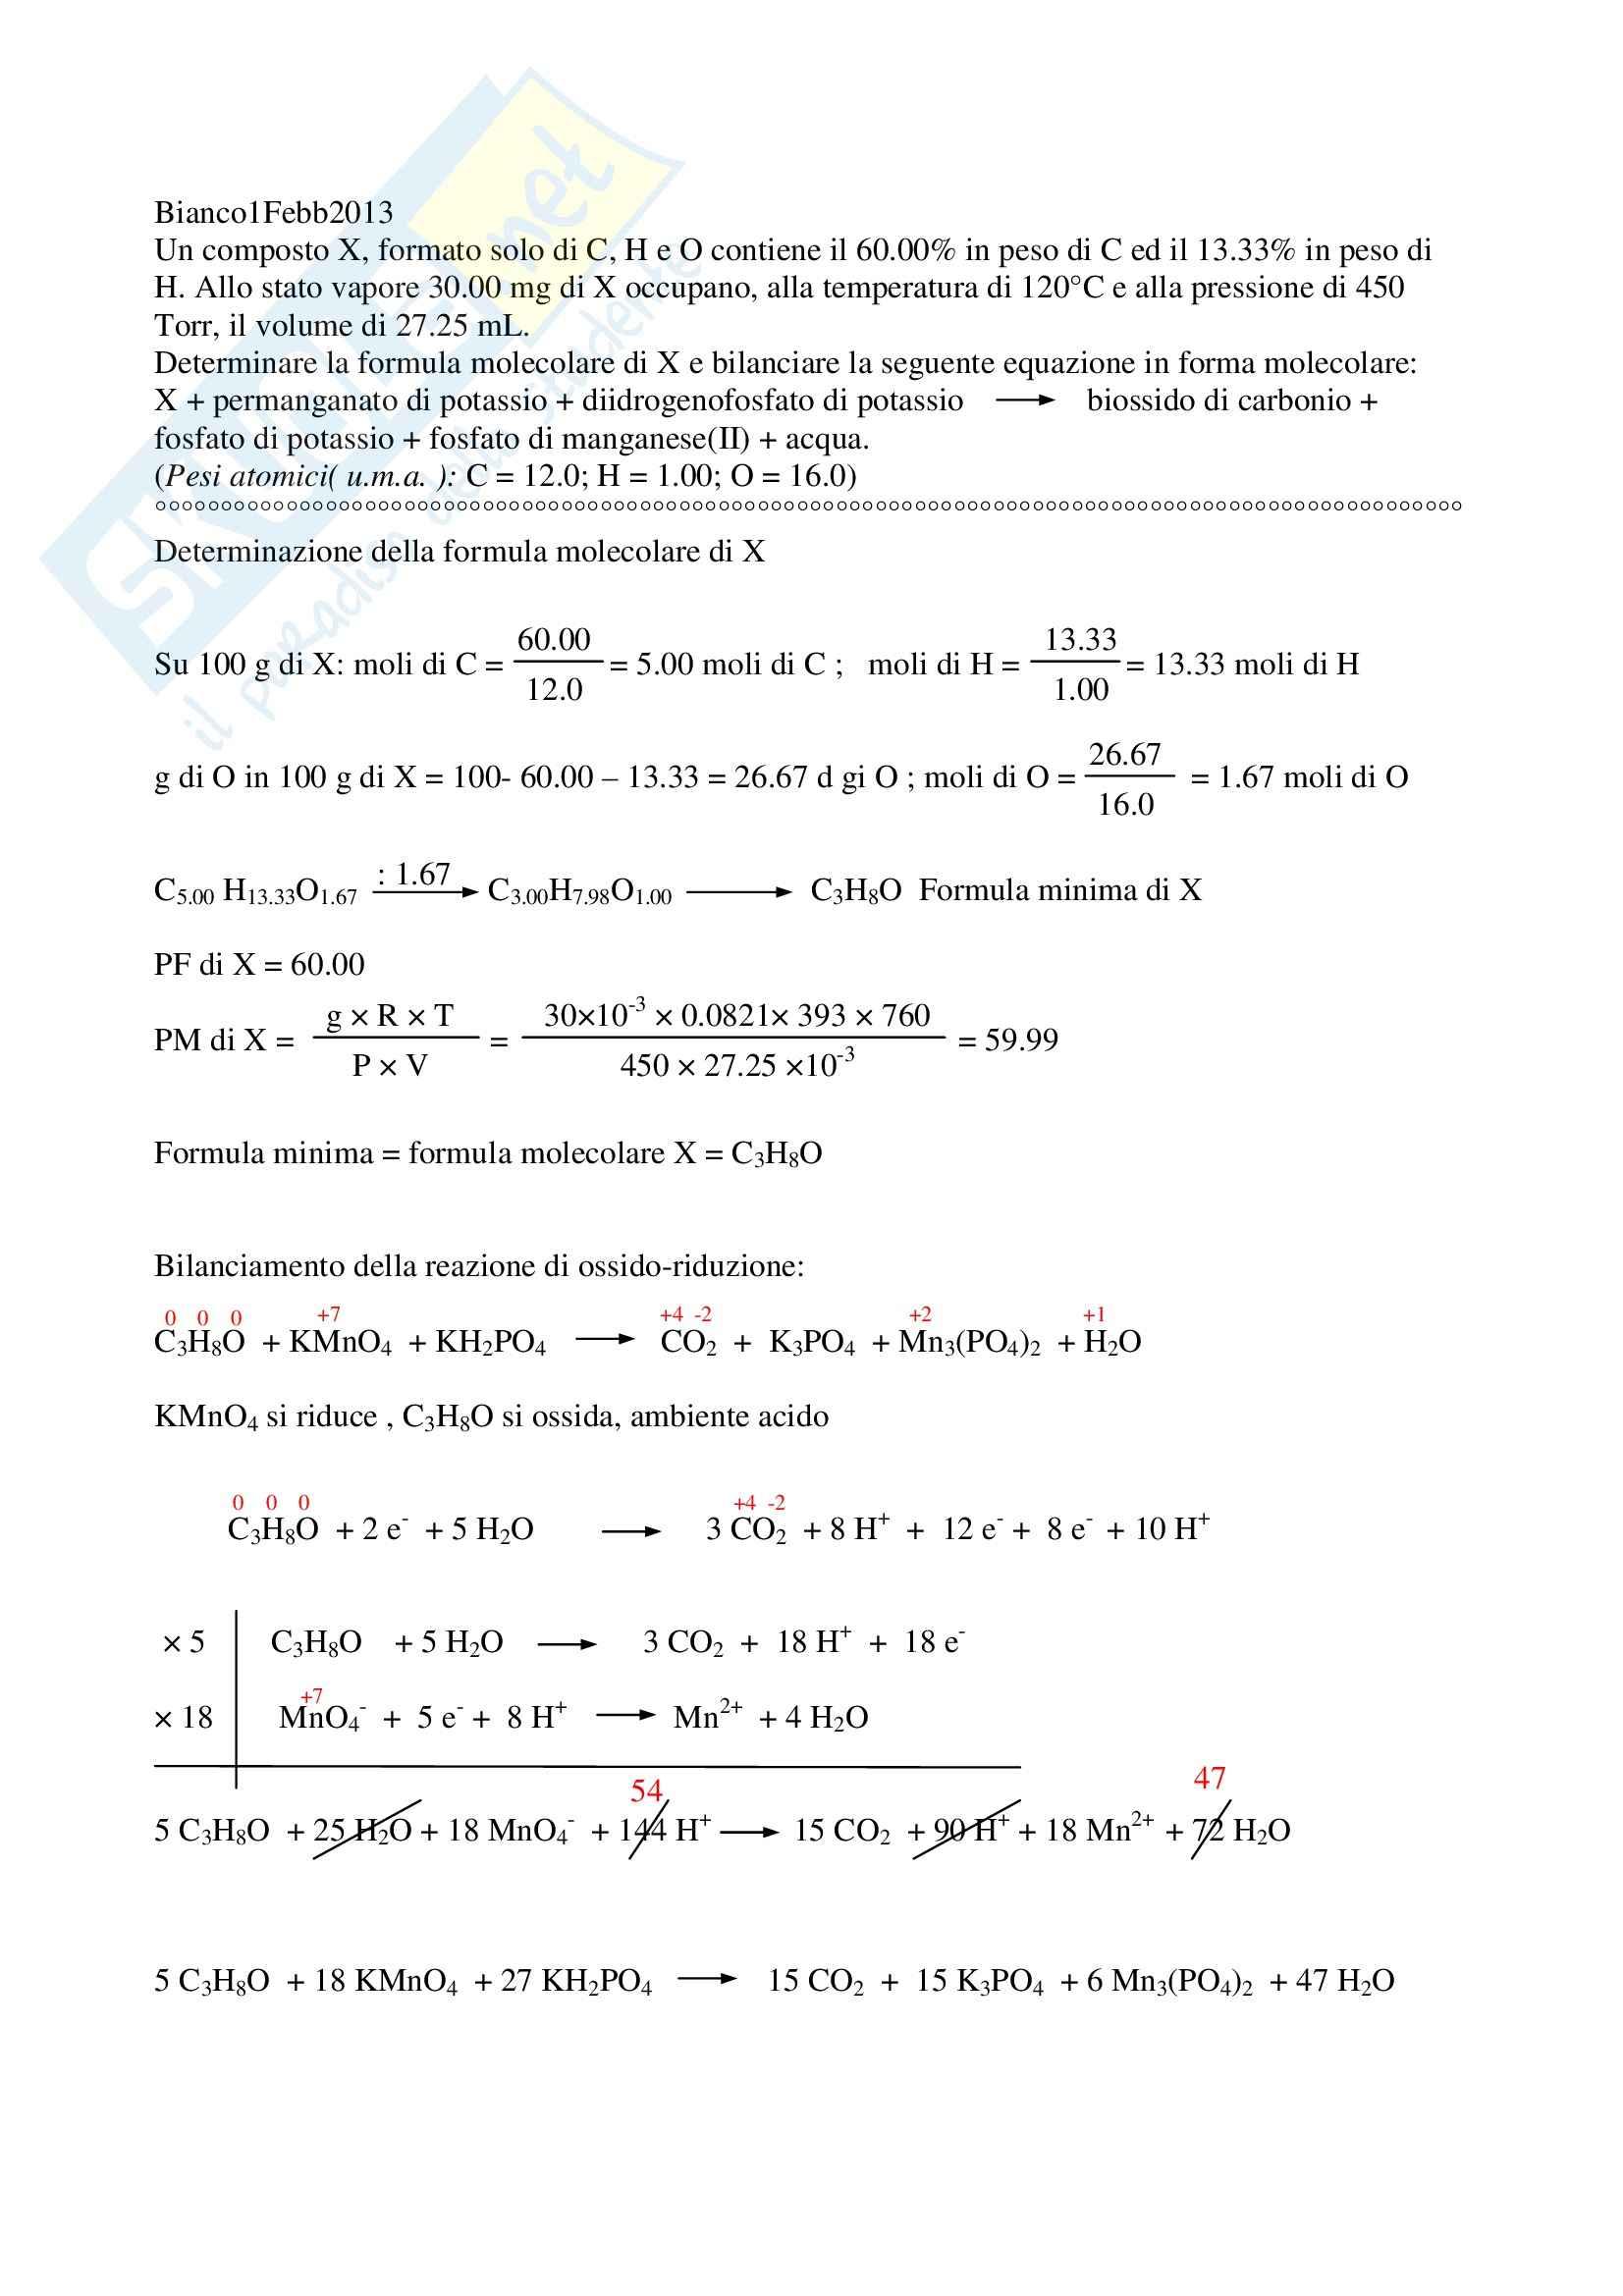 Esercizi d'esame Chimica inorganica CTF e Farmacia Pag. 6